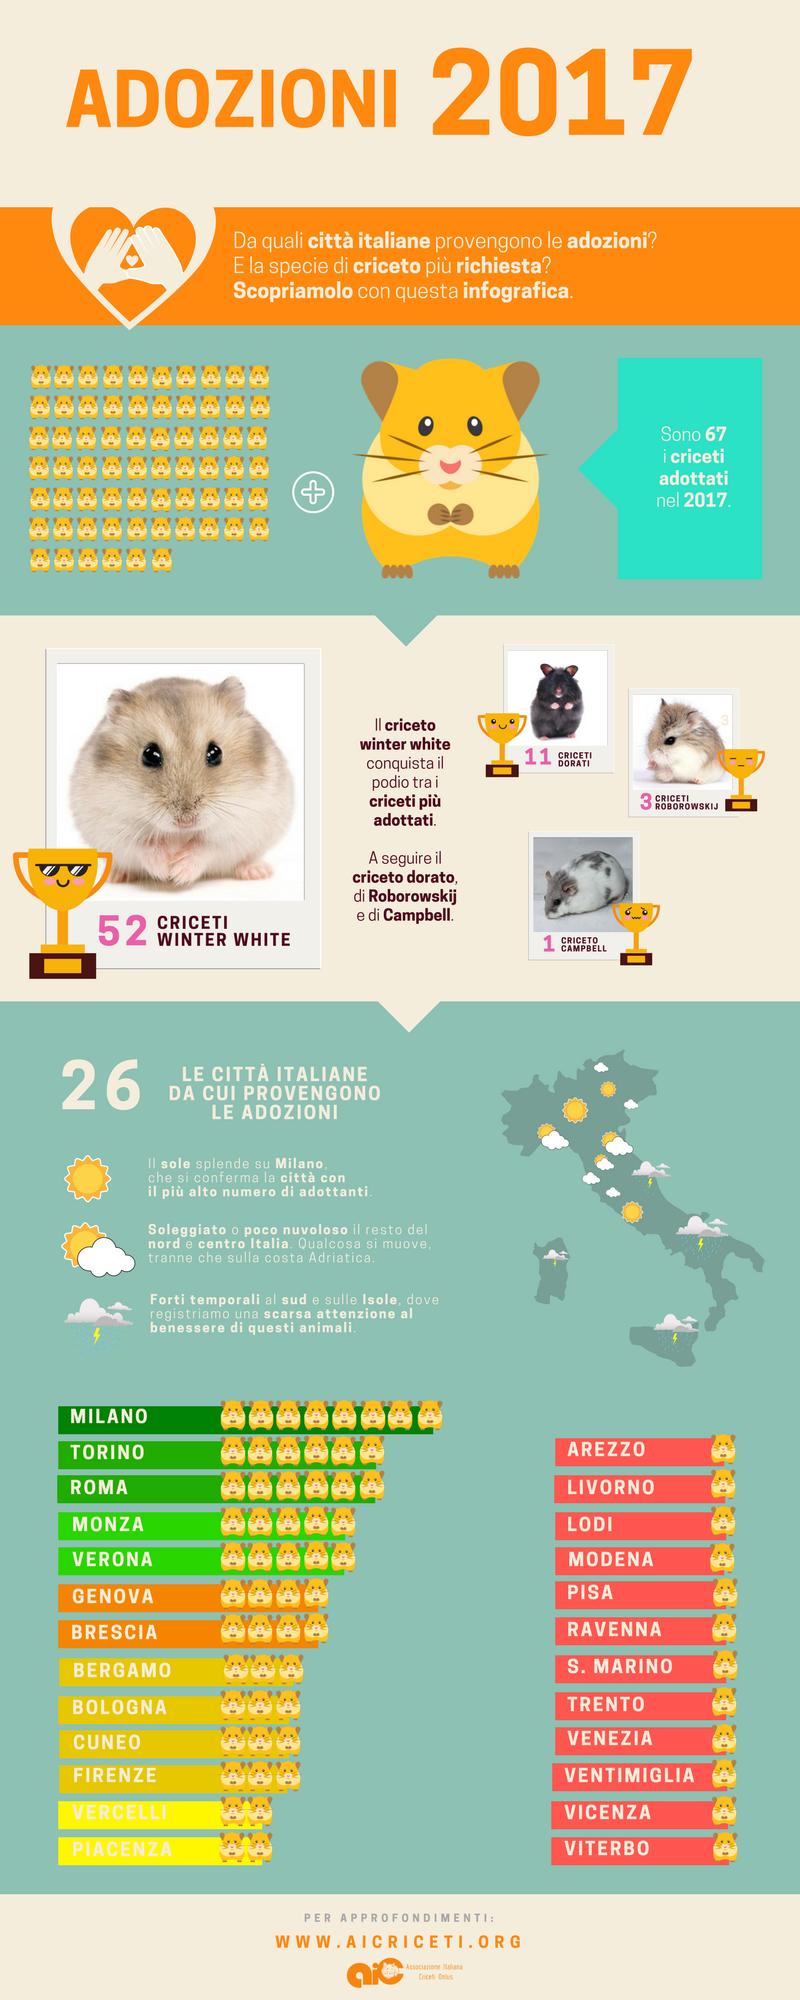 Da quali città italiane provengono le adozioni? E la specie di criceto più richiesta? Scopriamolo con questa infografica.